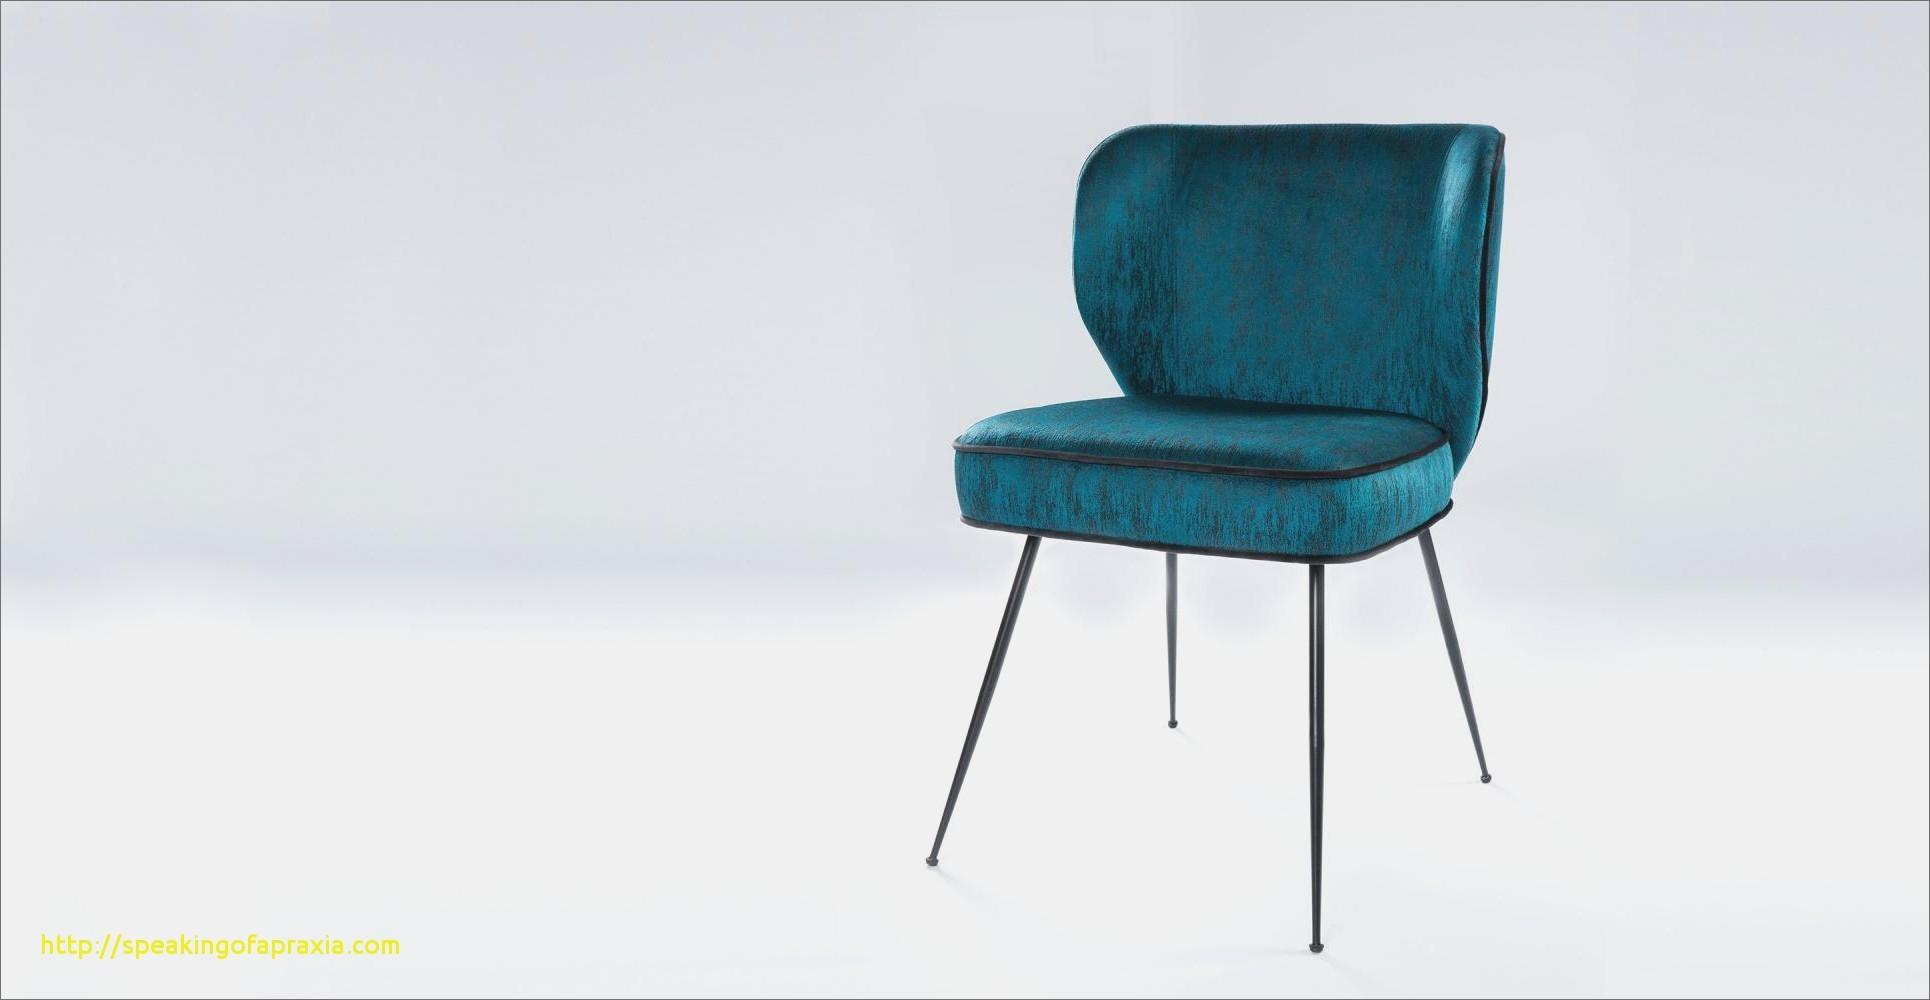 Abri Jardin Carrefour Élégant Photographie Table Et Chaise Pliante Chaise Pliante Carrefour Canape Carrefour 0d